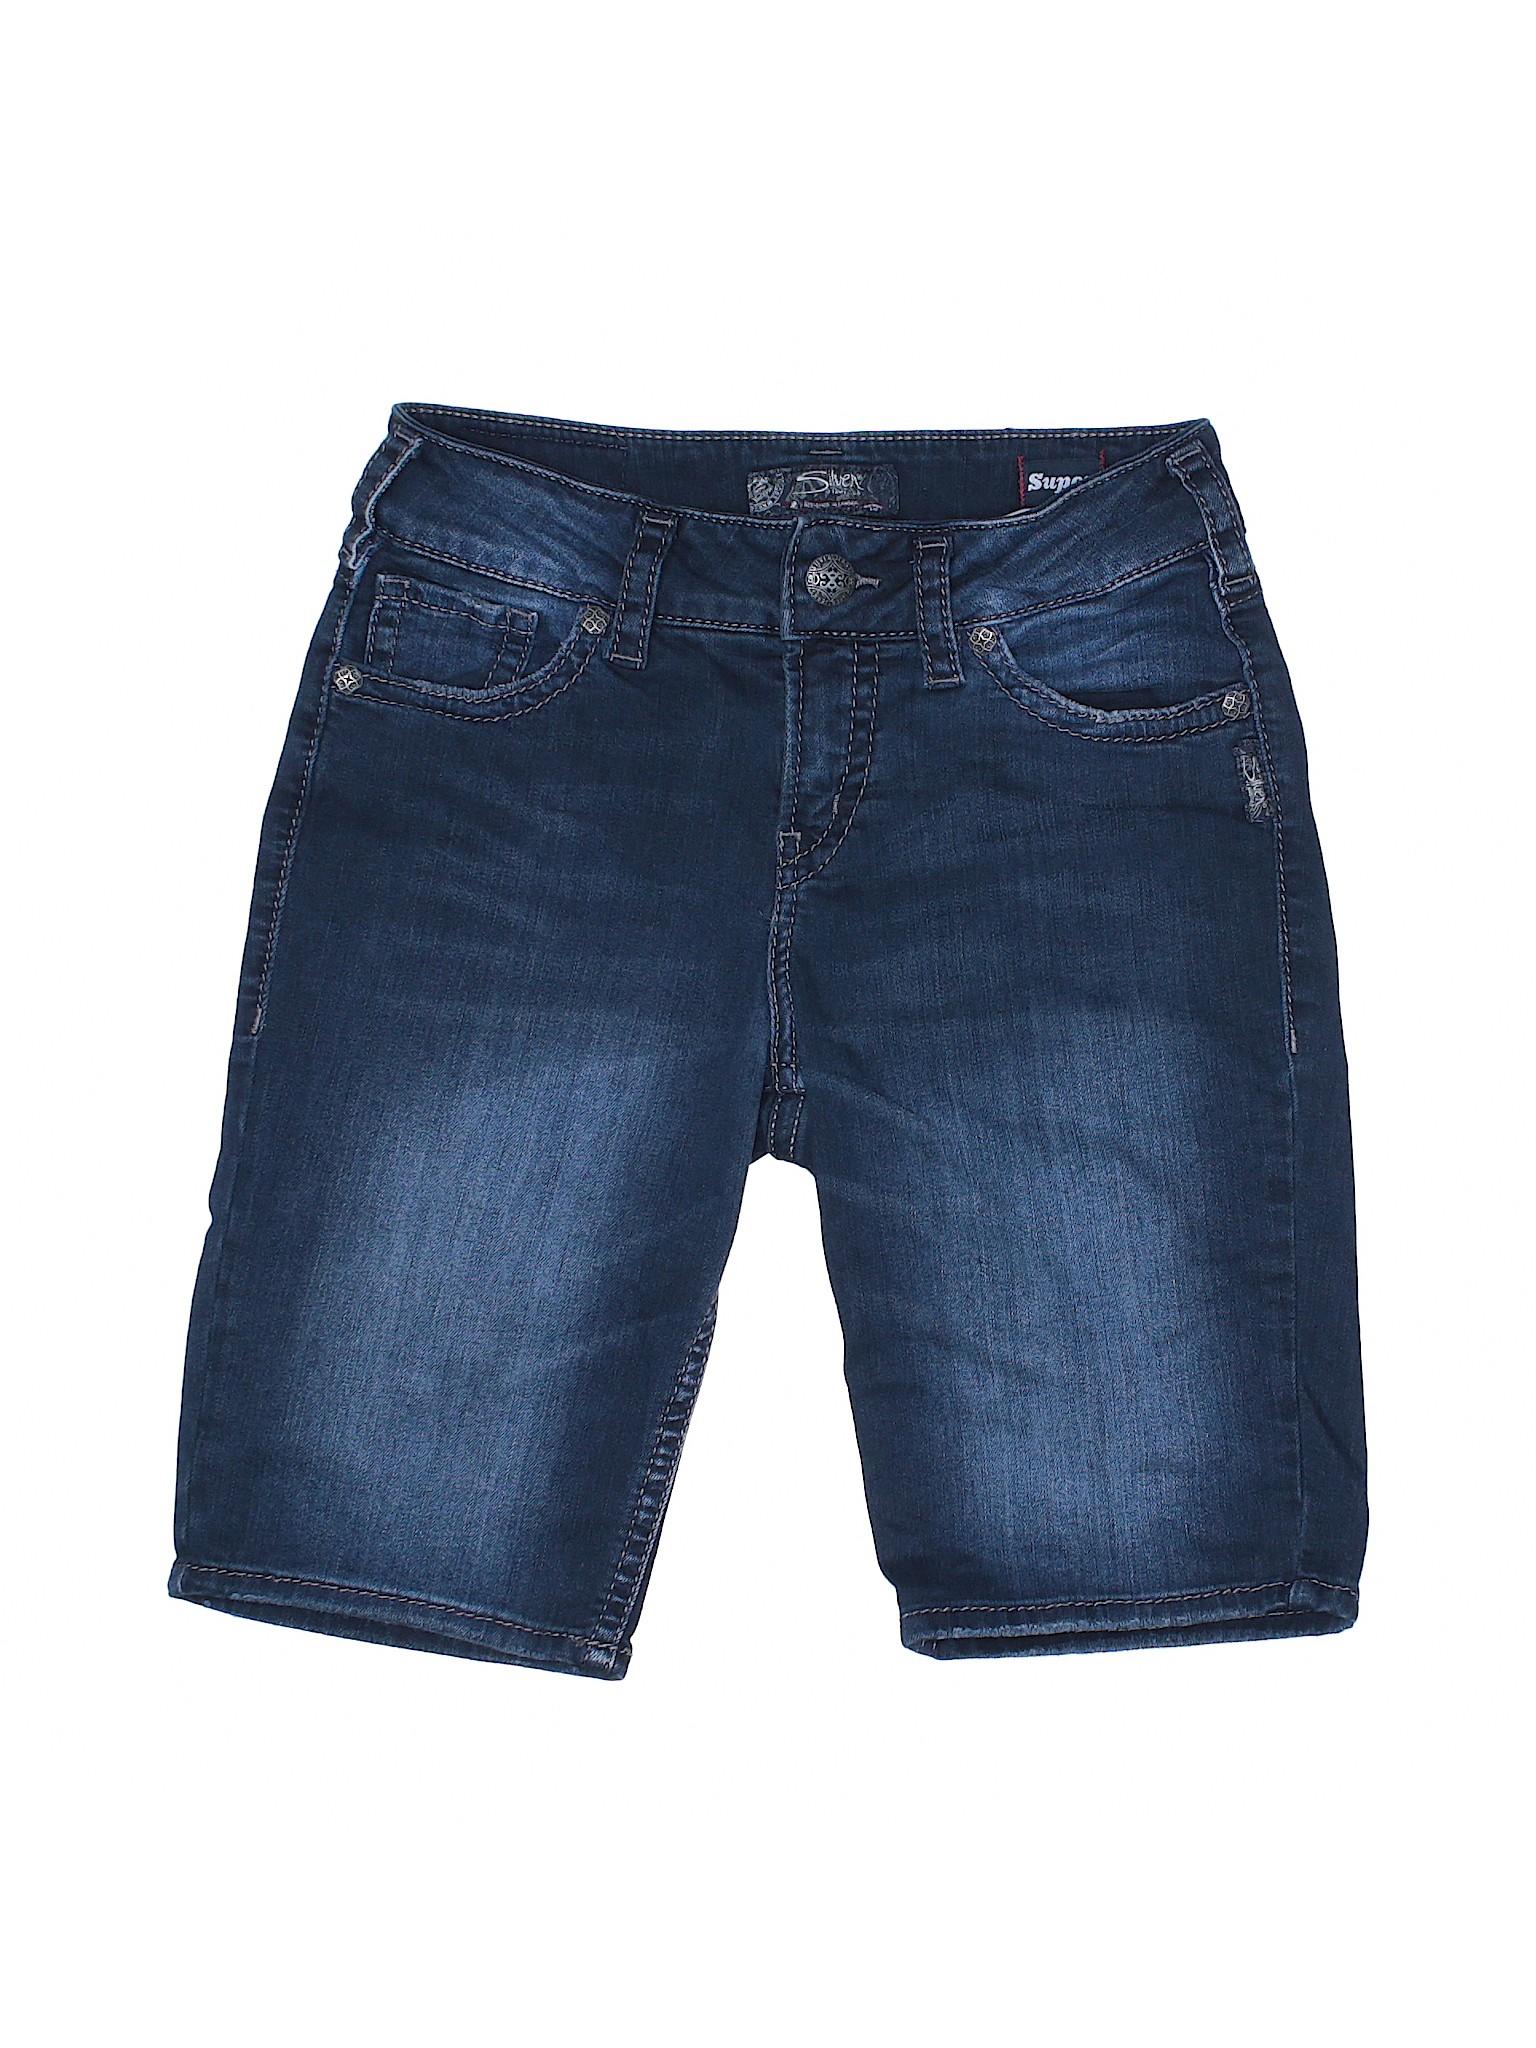 Silver Co Shorts Jeans Denim leisure Boutique 50xtqRUR